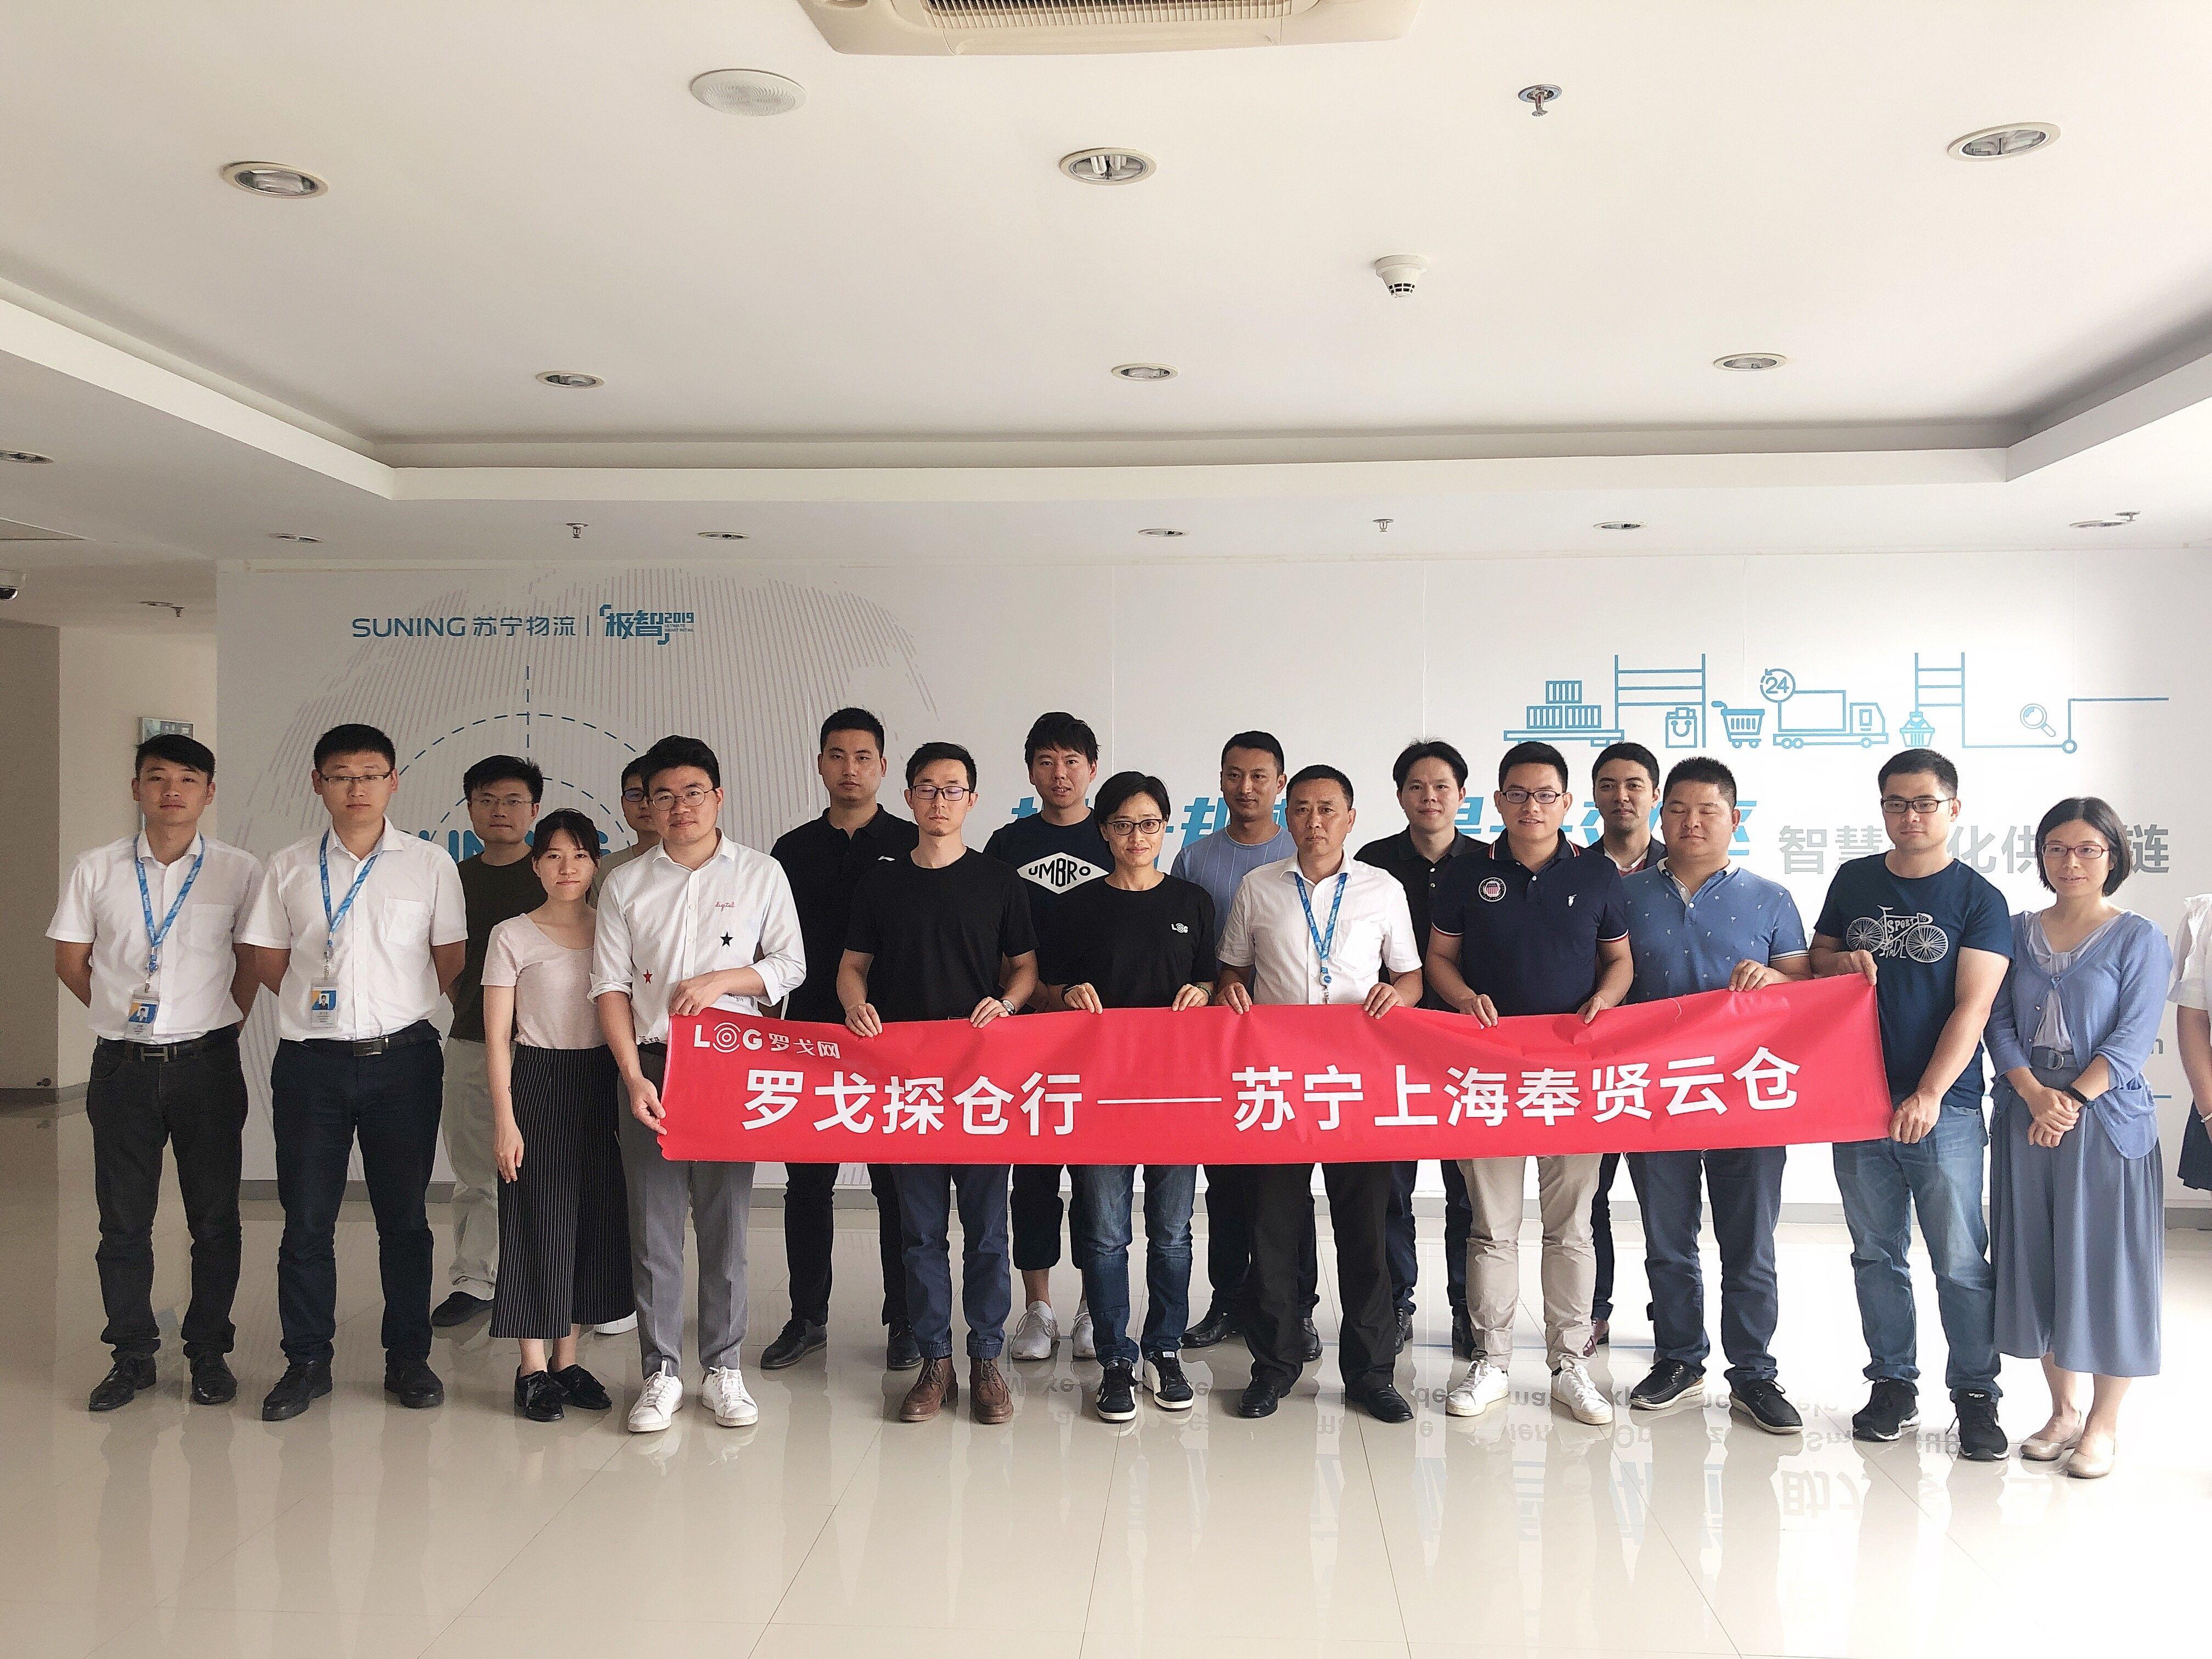 羅戈組團探倉!蘇寧上海超級云倉機器人實現貨到人